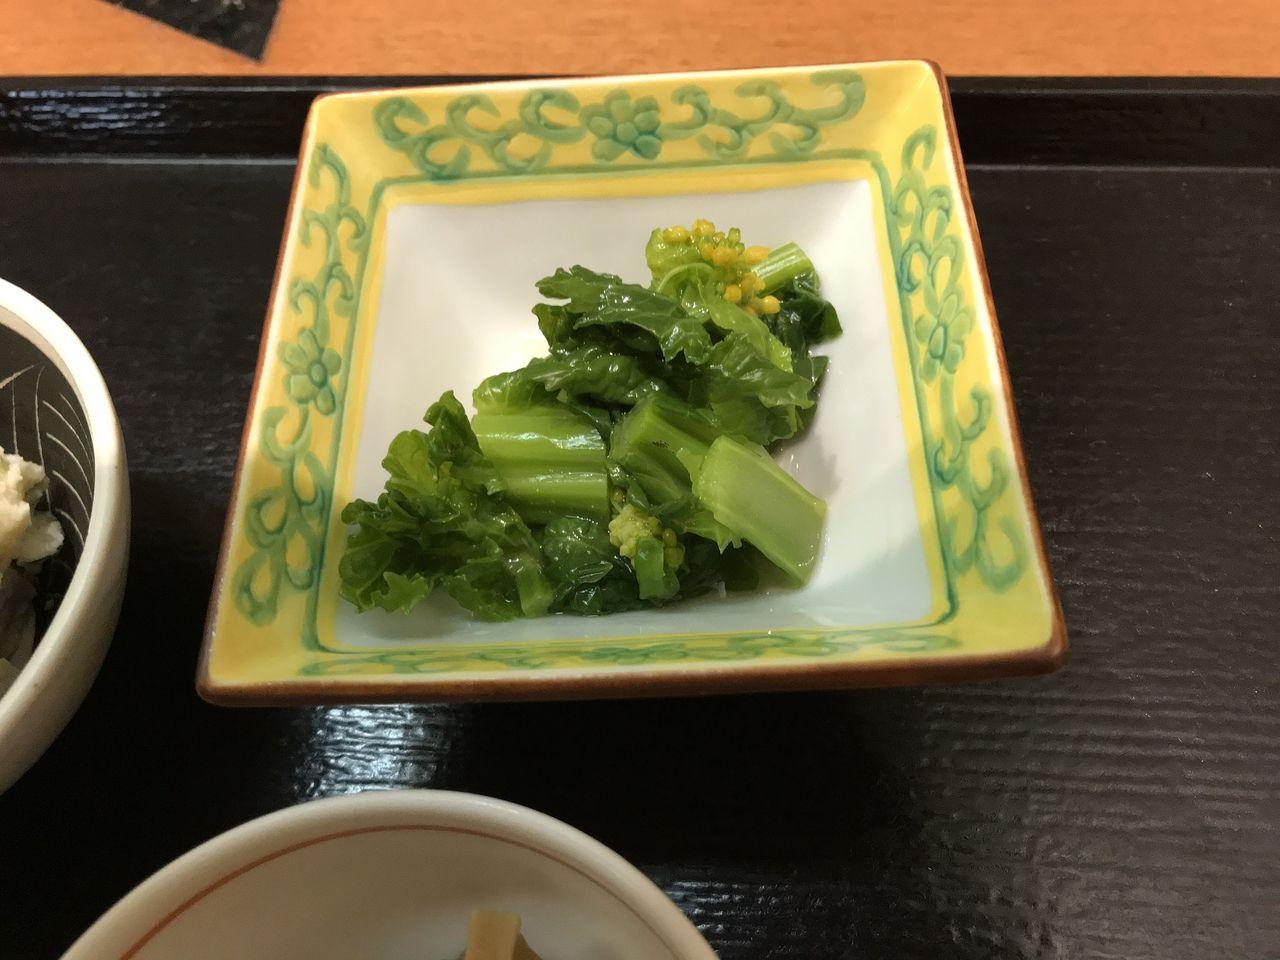 行徳のえびすのランチの小鉢 菜の花